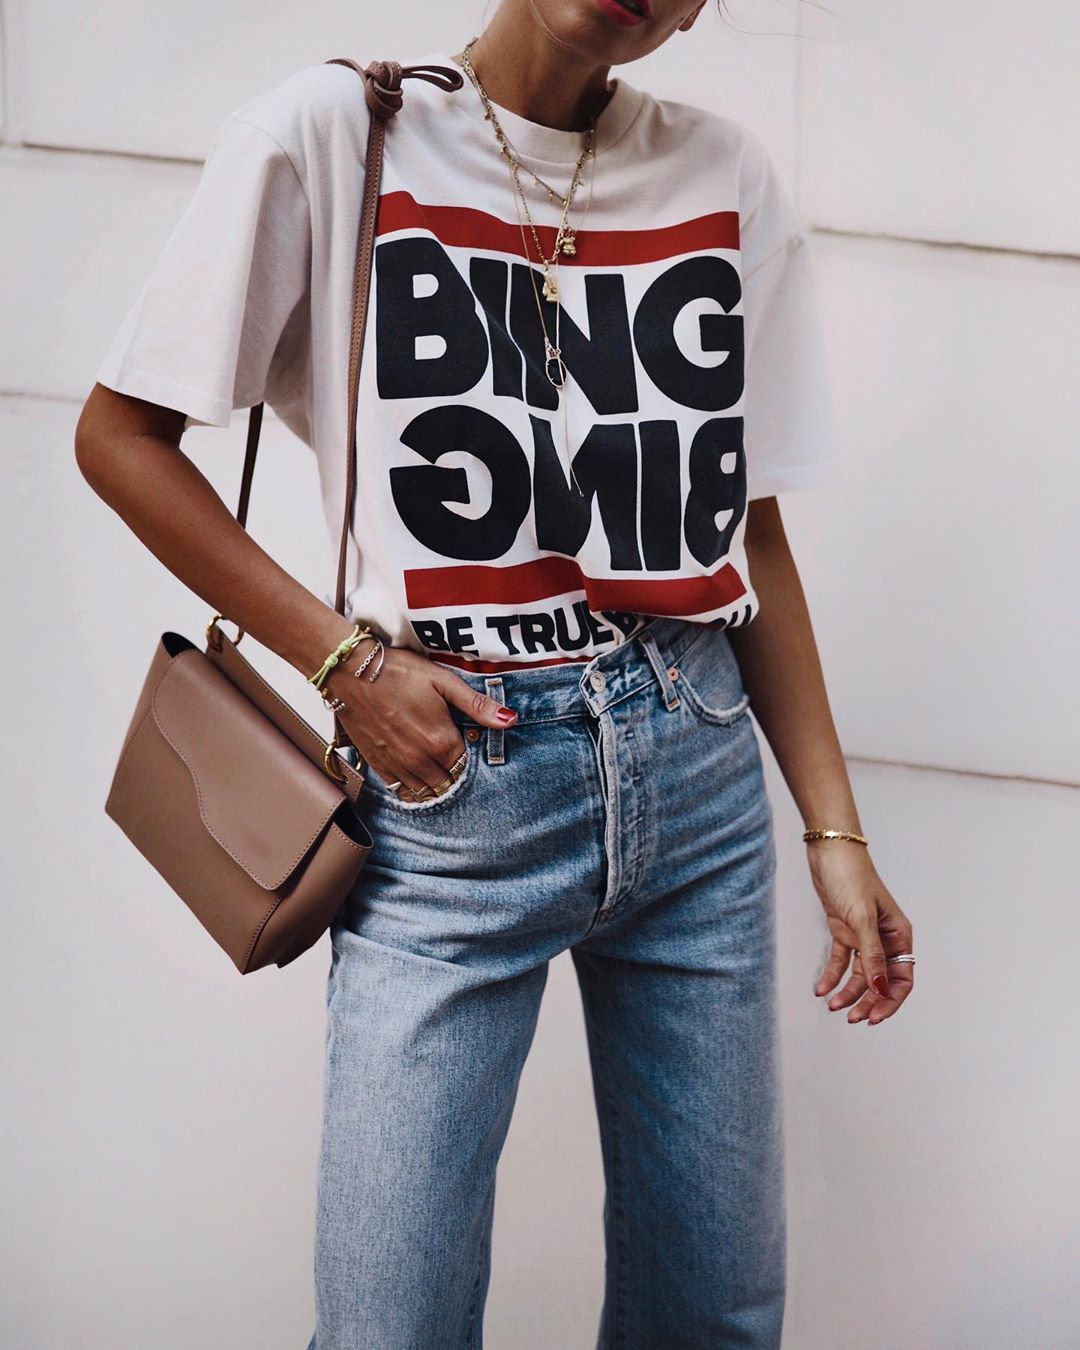 Джинсы и белая футболка фото 4